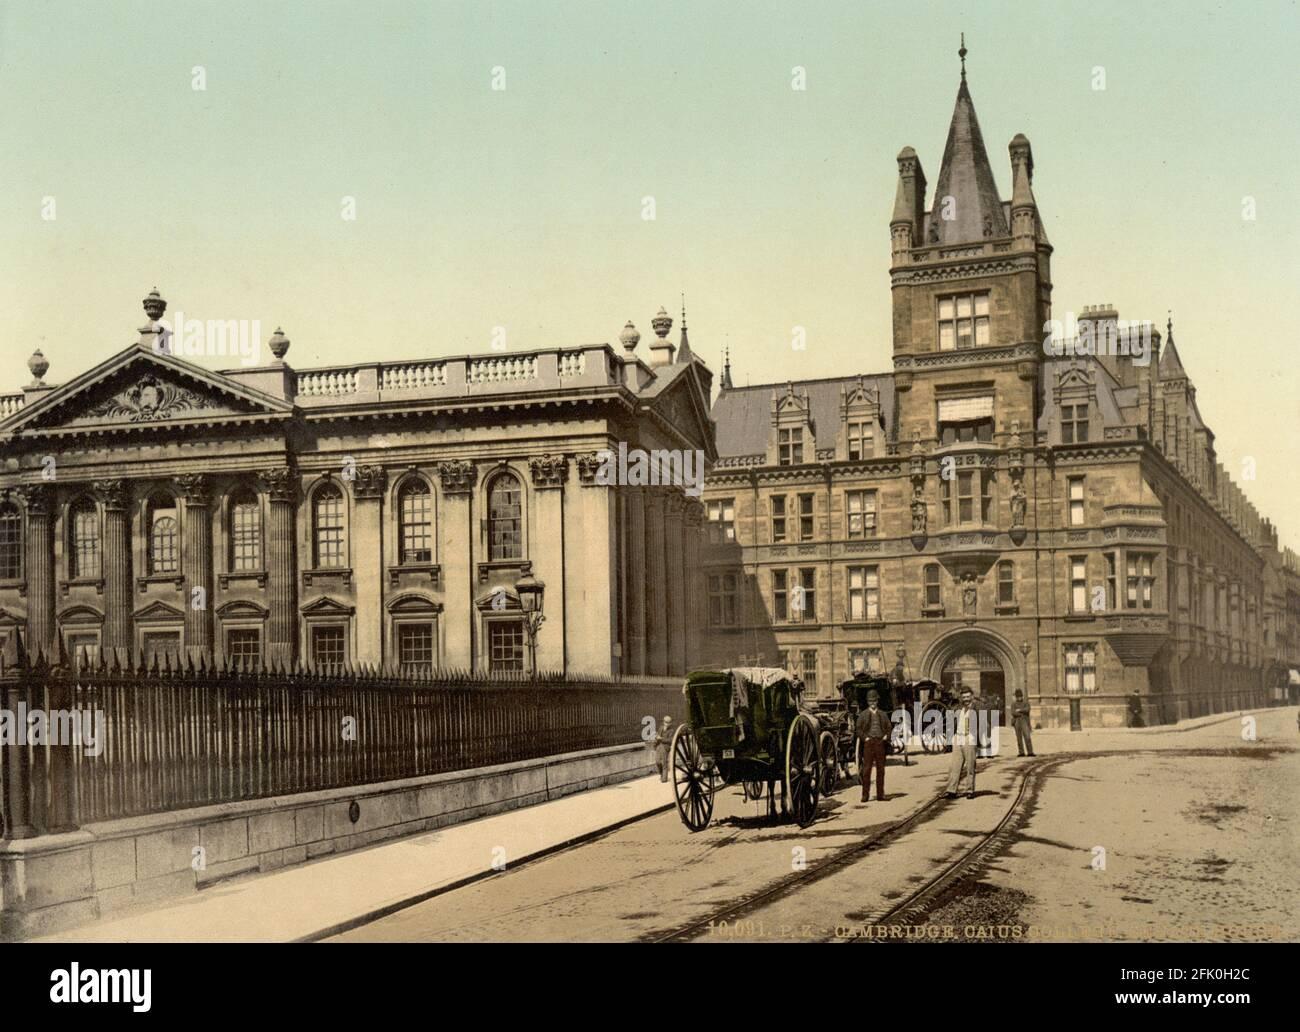 Caius College of Cambridge University et Senate House Hill vers 1890-1900 Banque D'Images